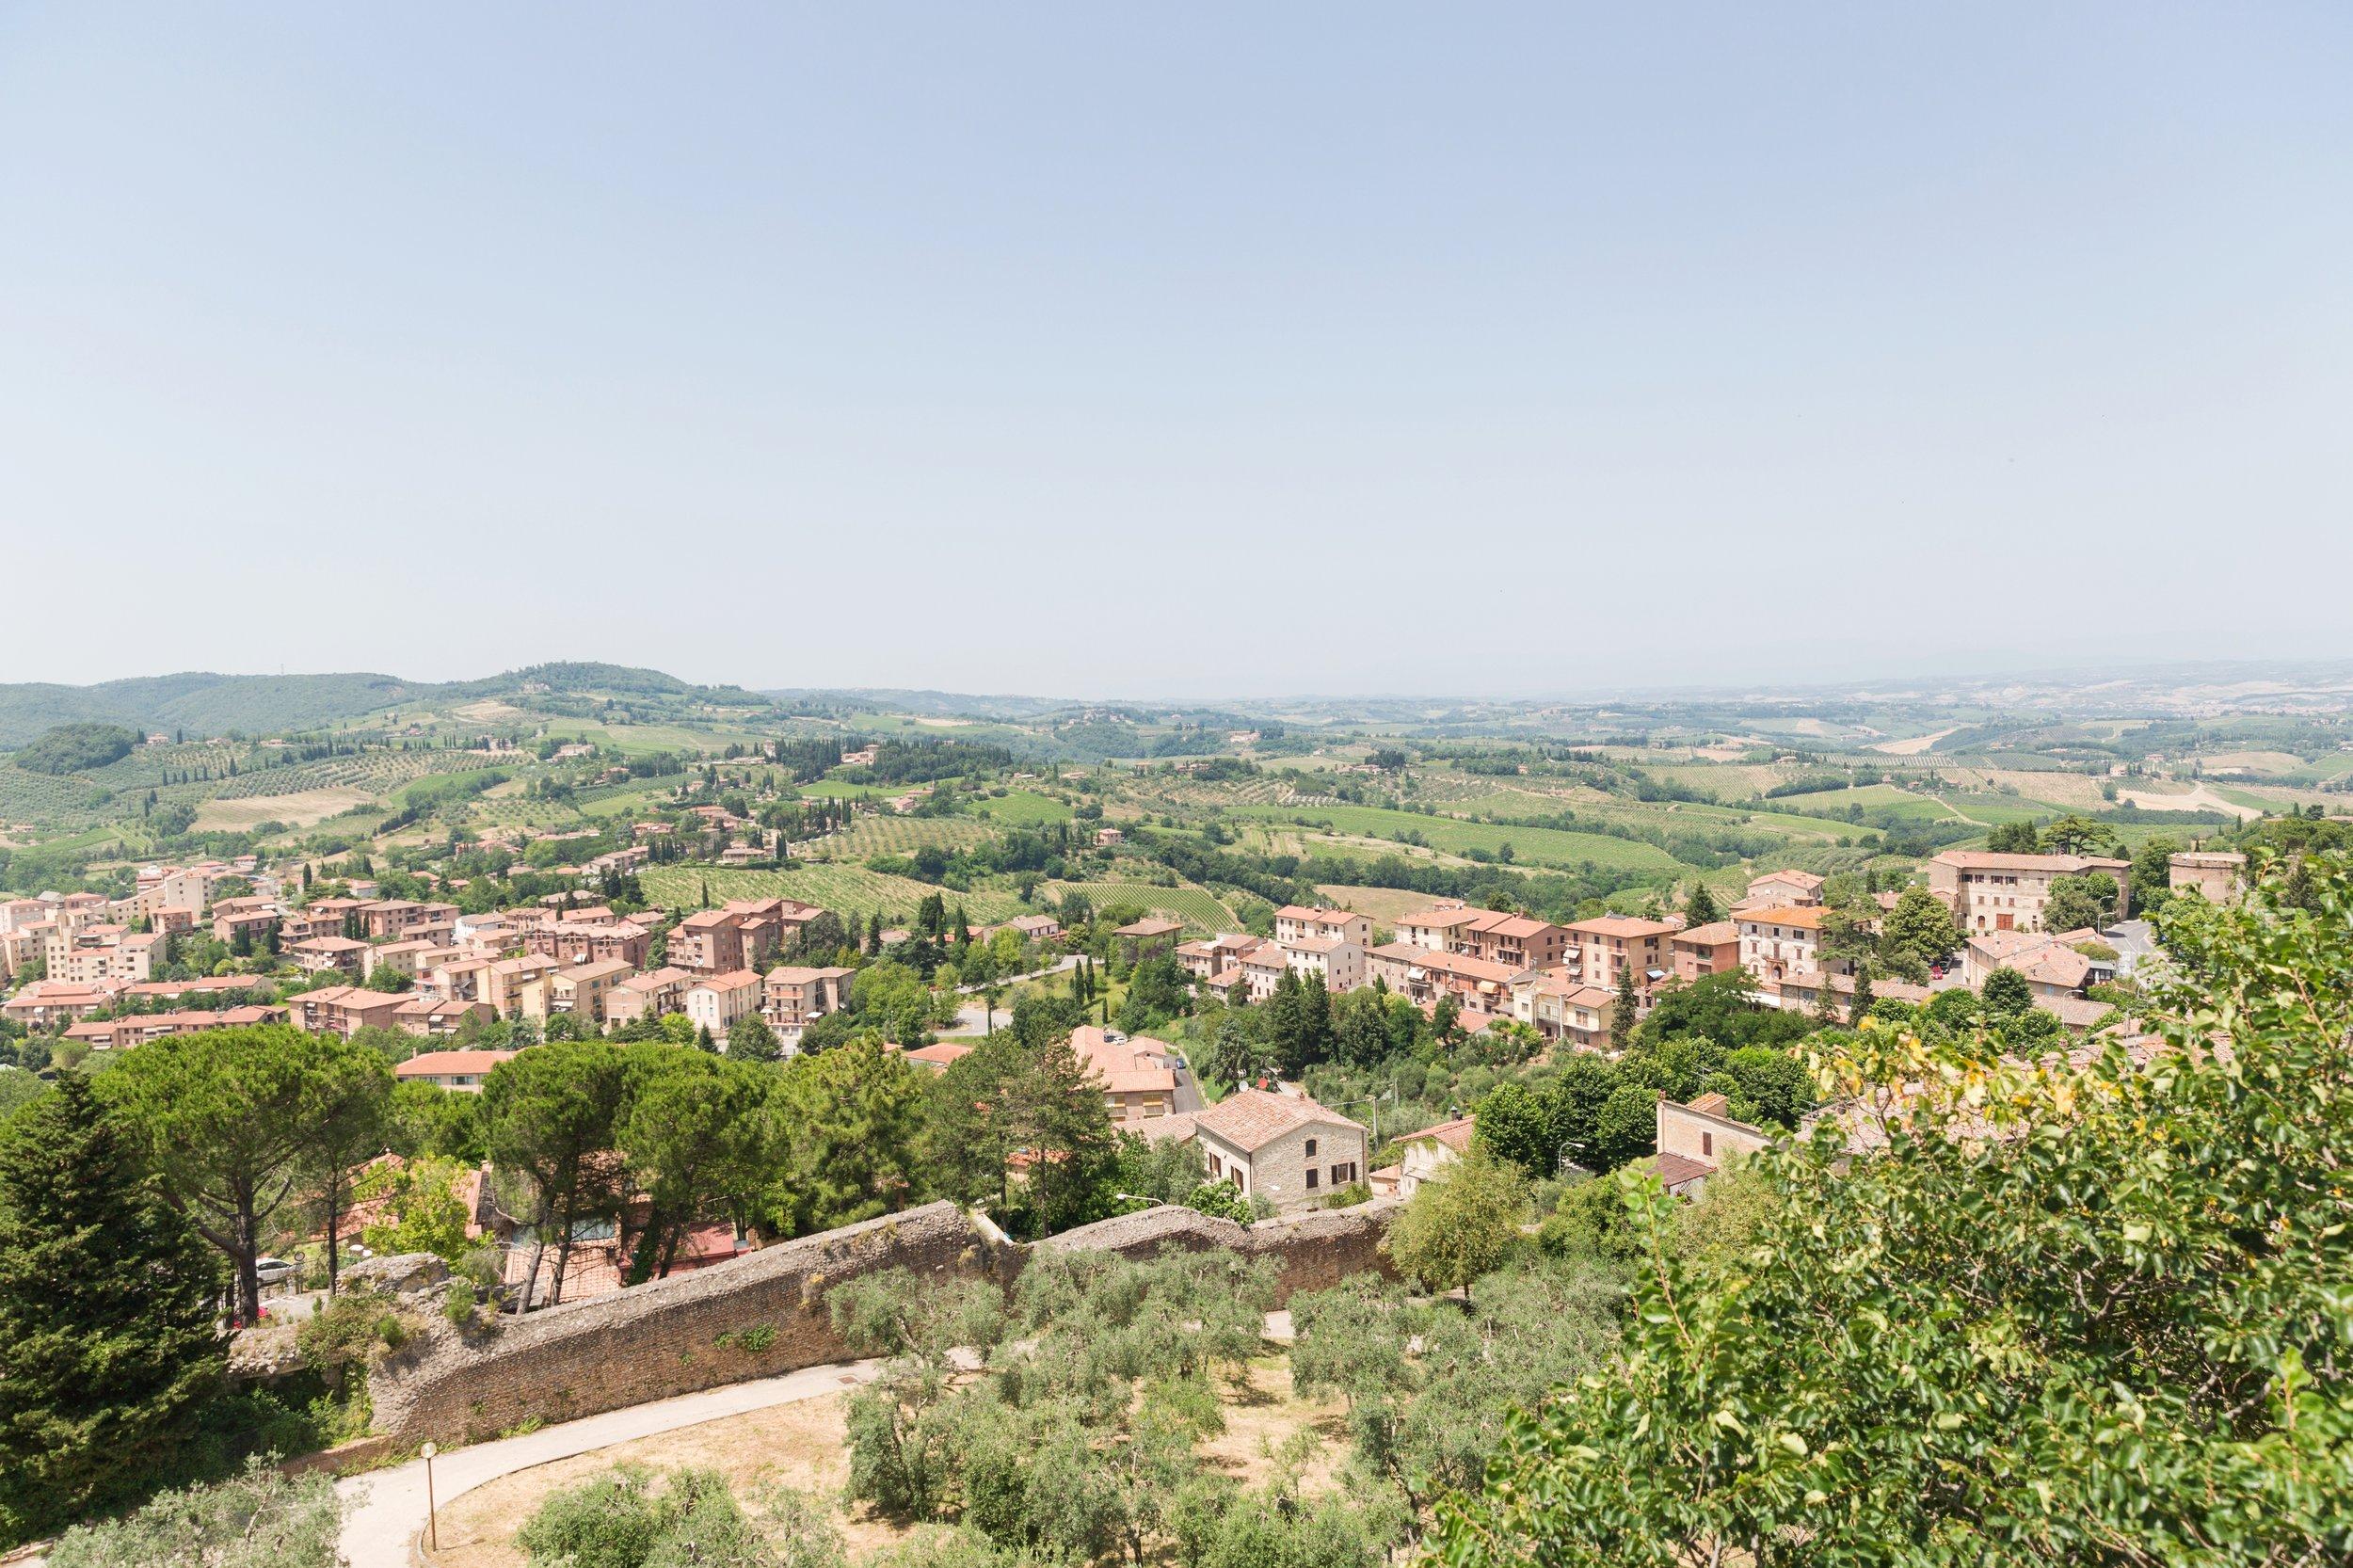 San Gimignano_0019.jpg